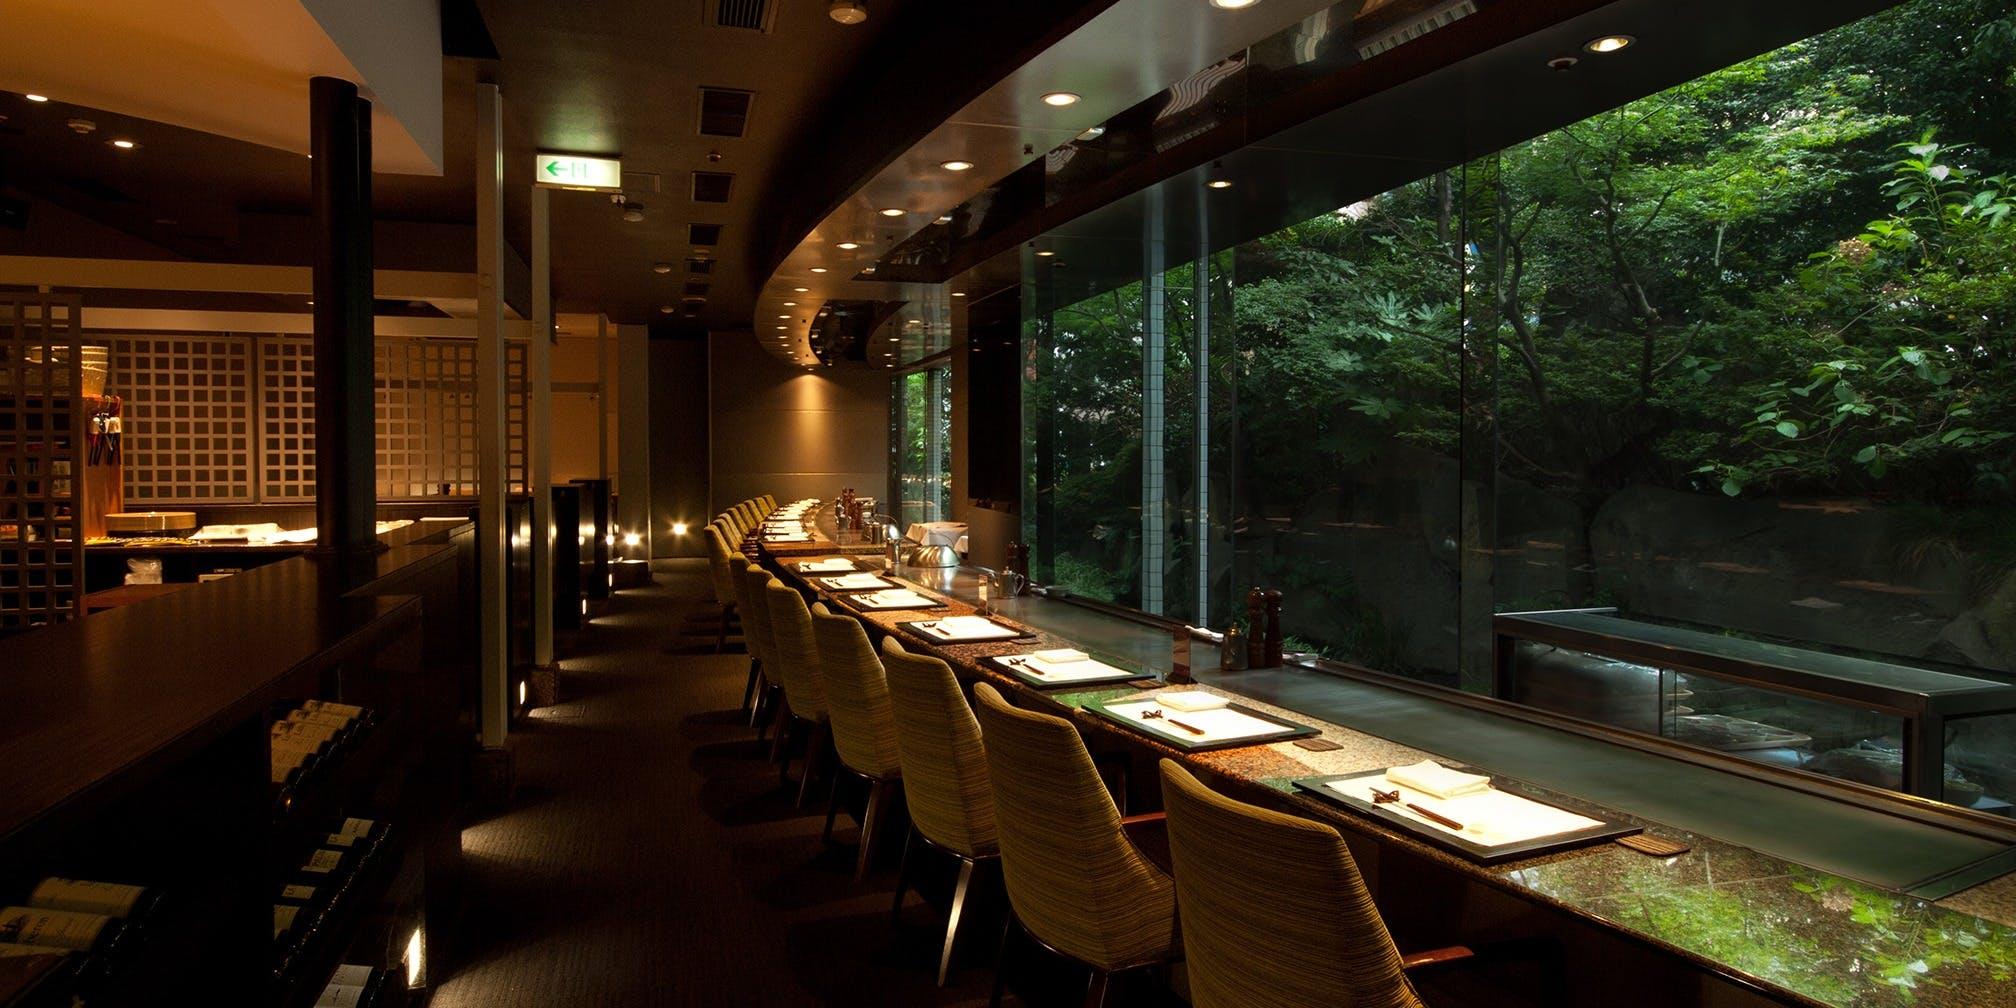 記念日におすすめのレストラン・ステーキ&しゃぶしゃぶ ふじたの写真1